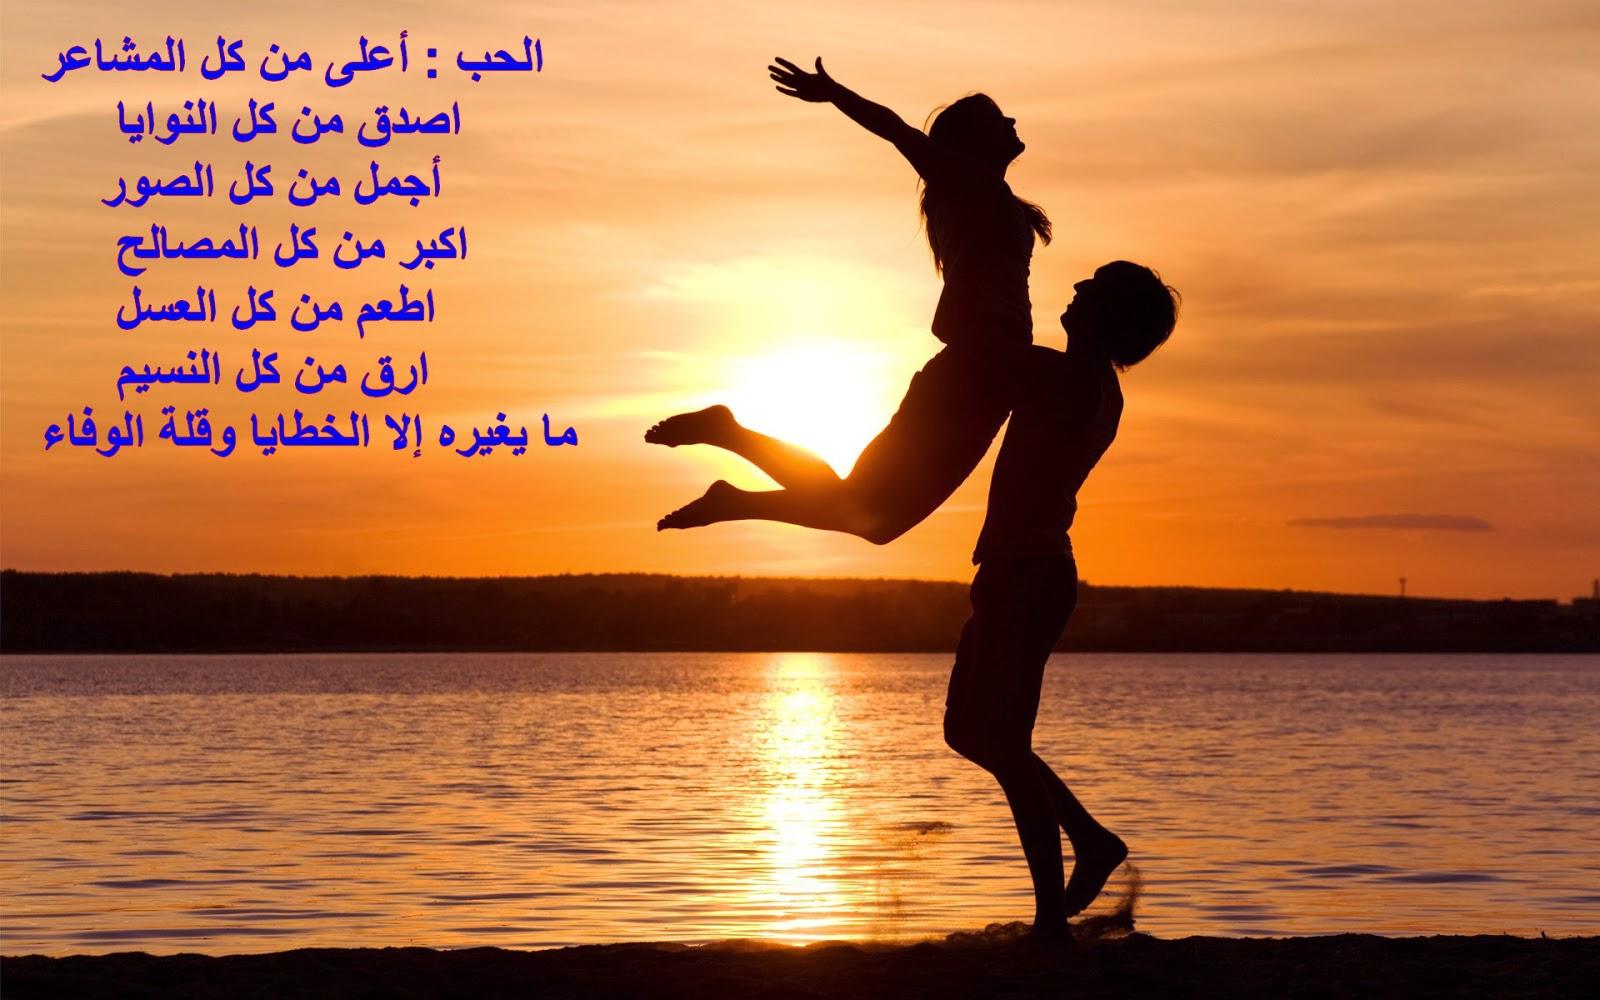 بالصور قصيدة حب للحبيب , اروع ما قيل عن الحبيب العاشق 6556 2